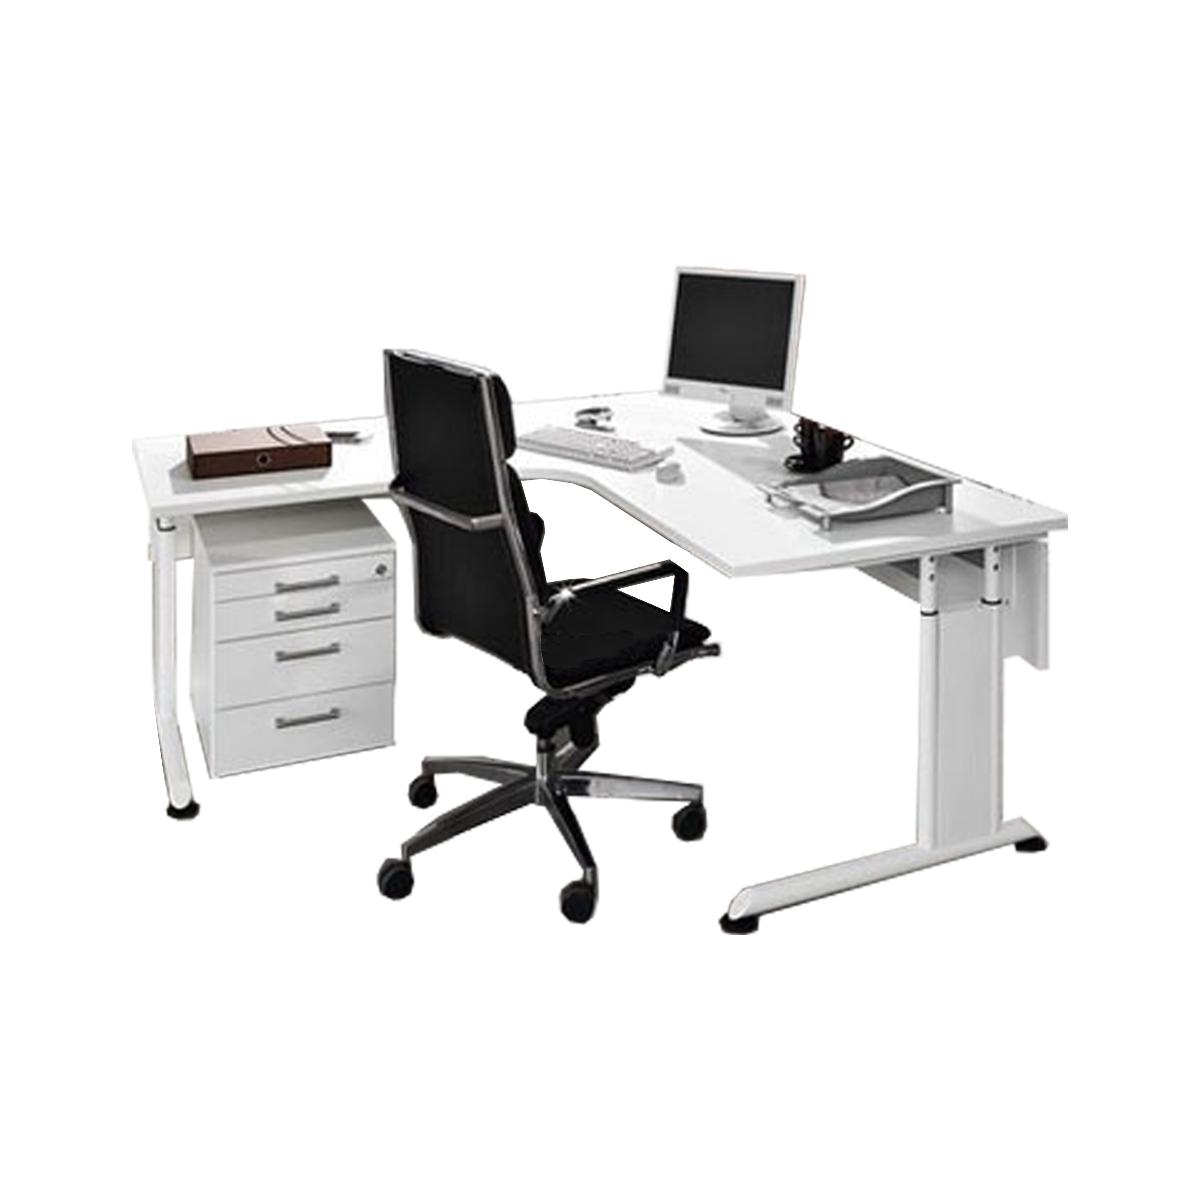 Wellemöbel Hyper Büroset 3- teilig bestehend aus Ecktischanlage ...